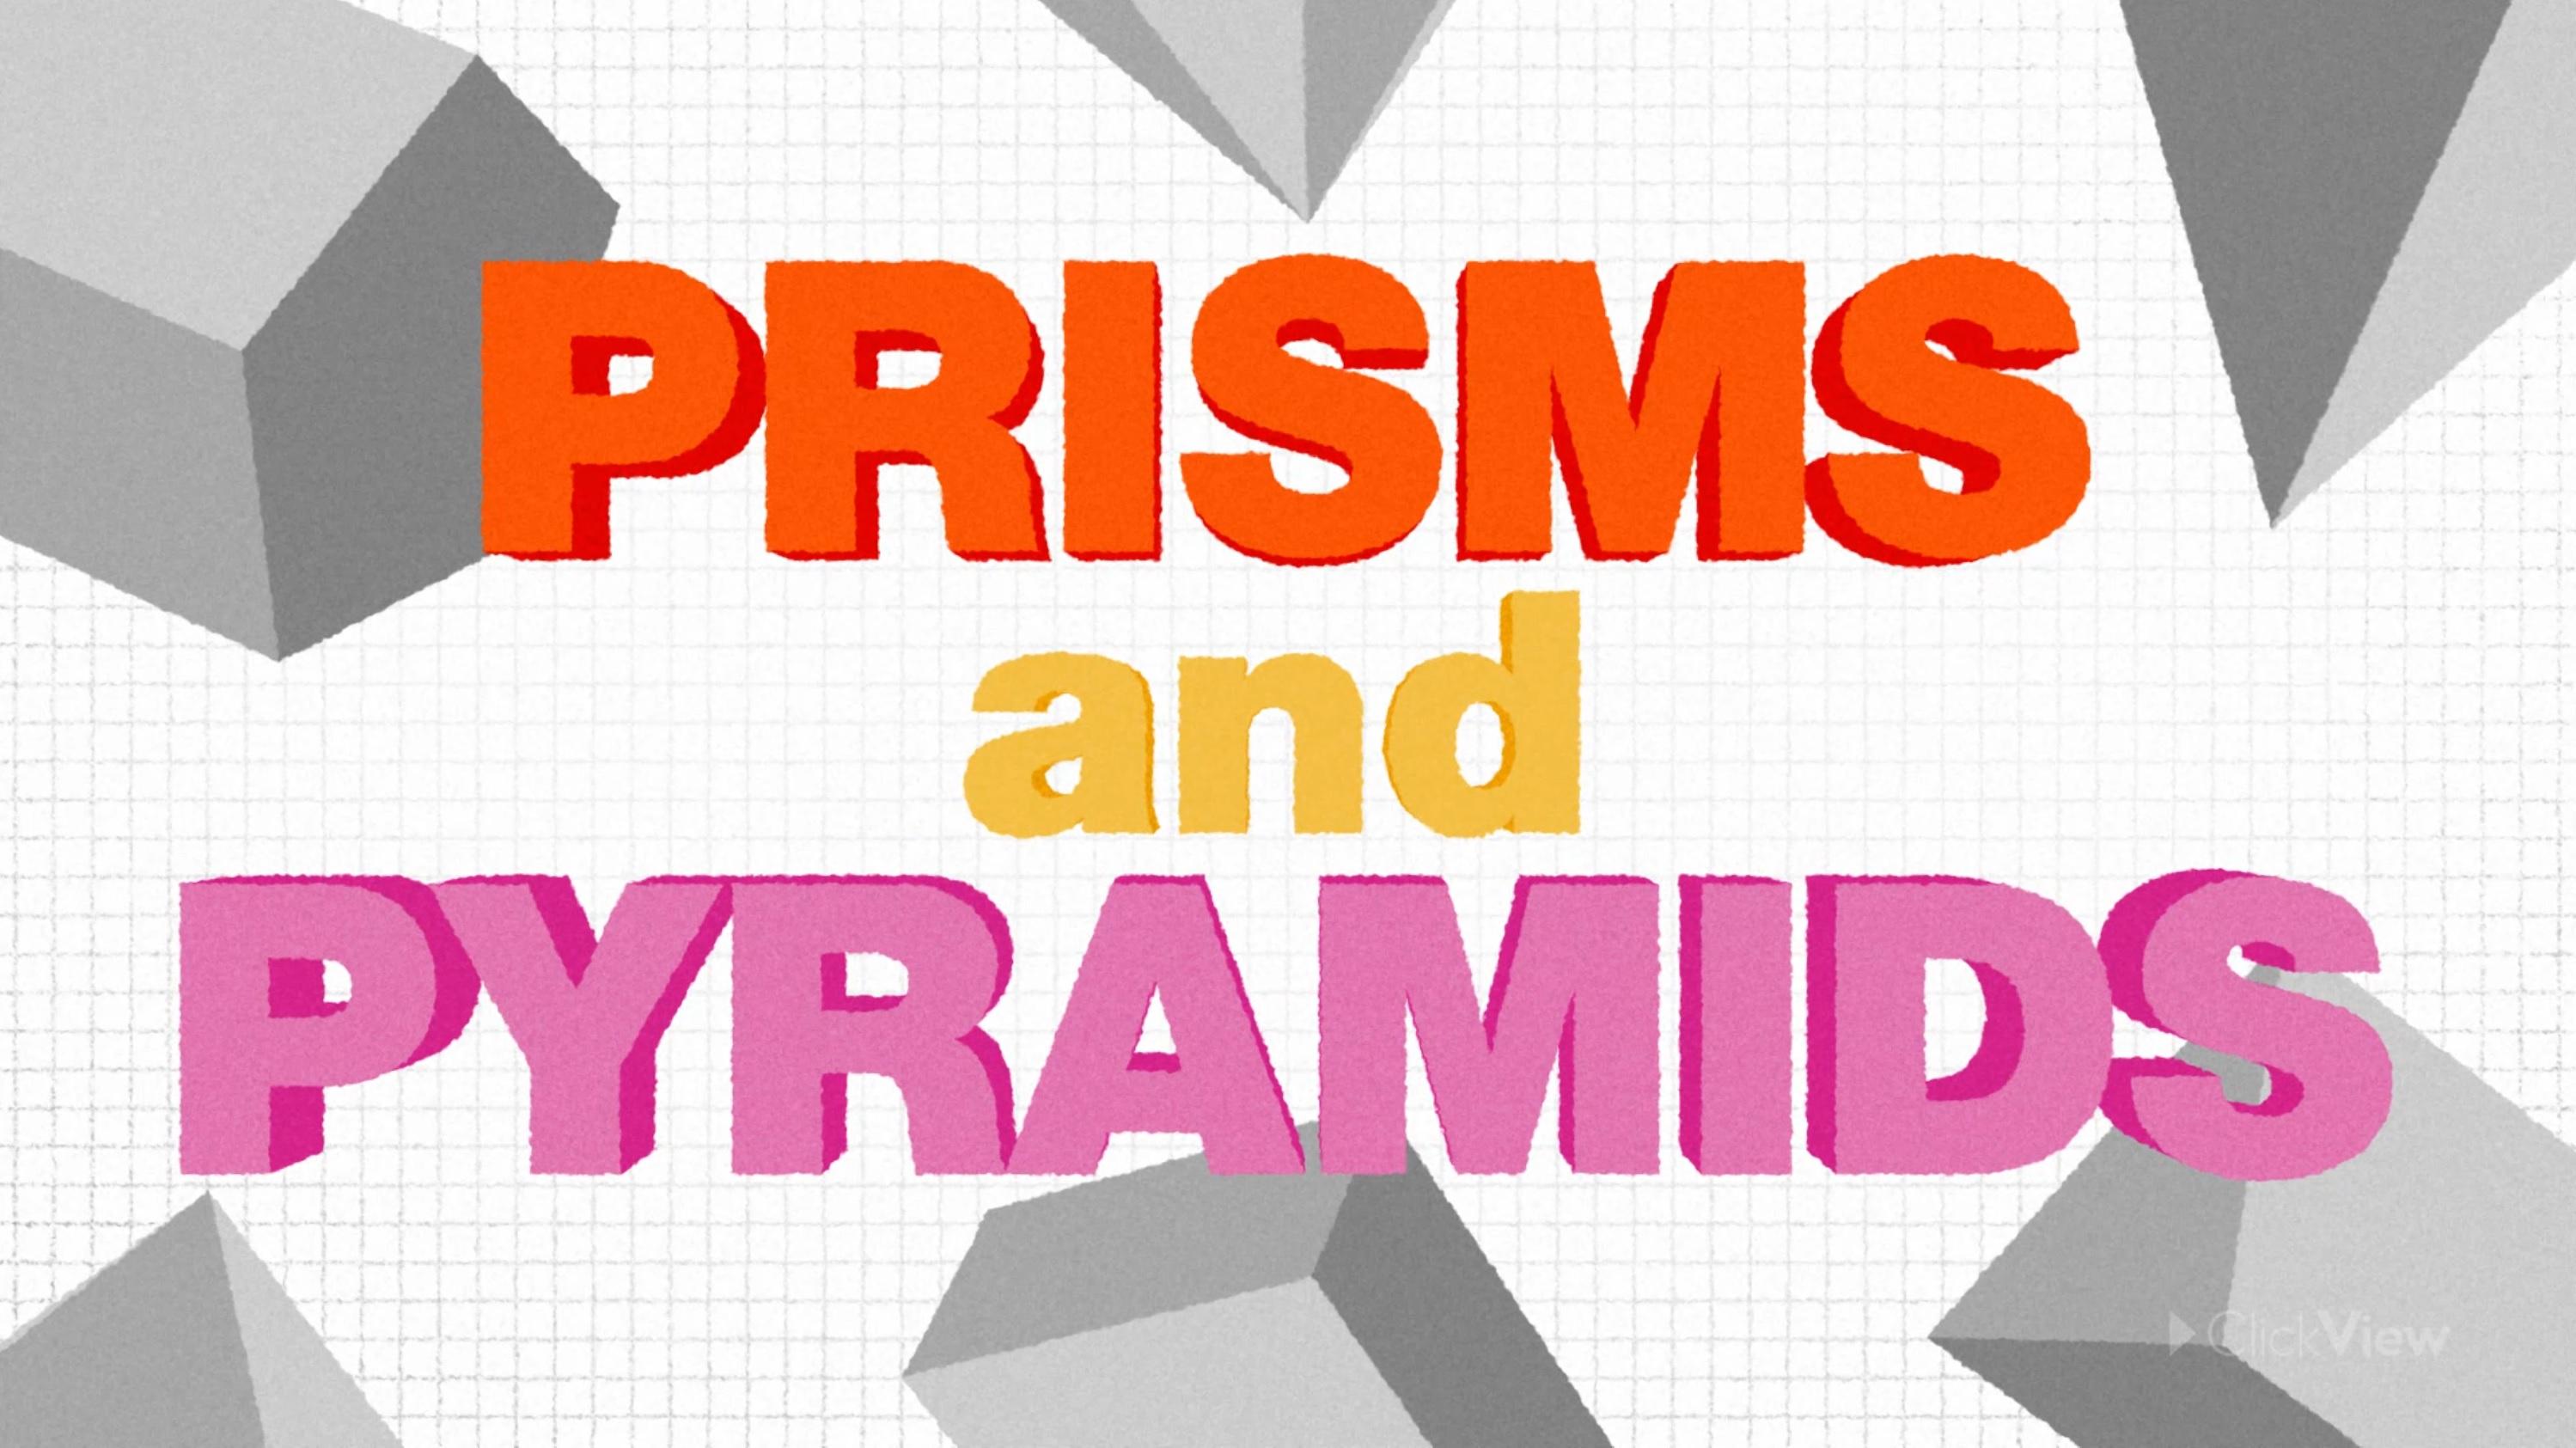 Prisms and Pyramids